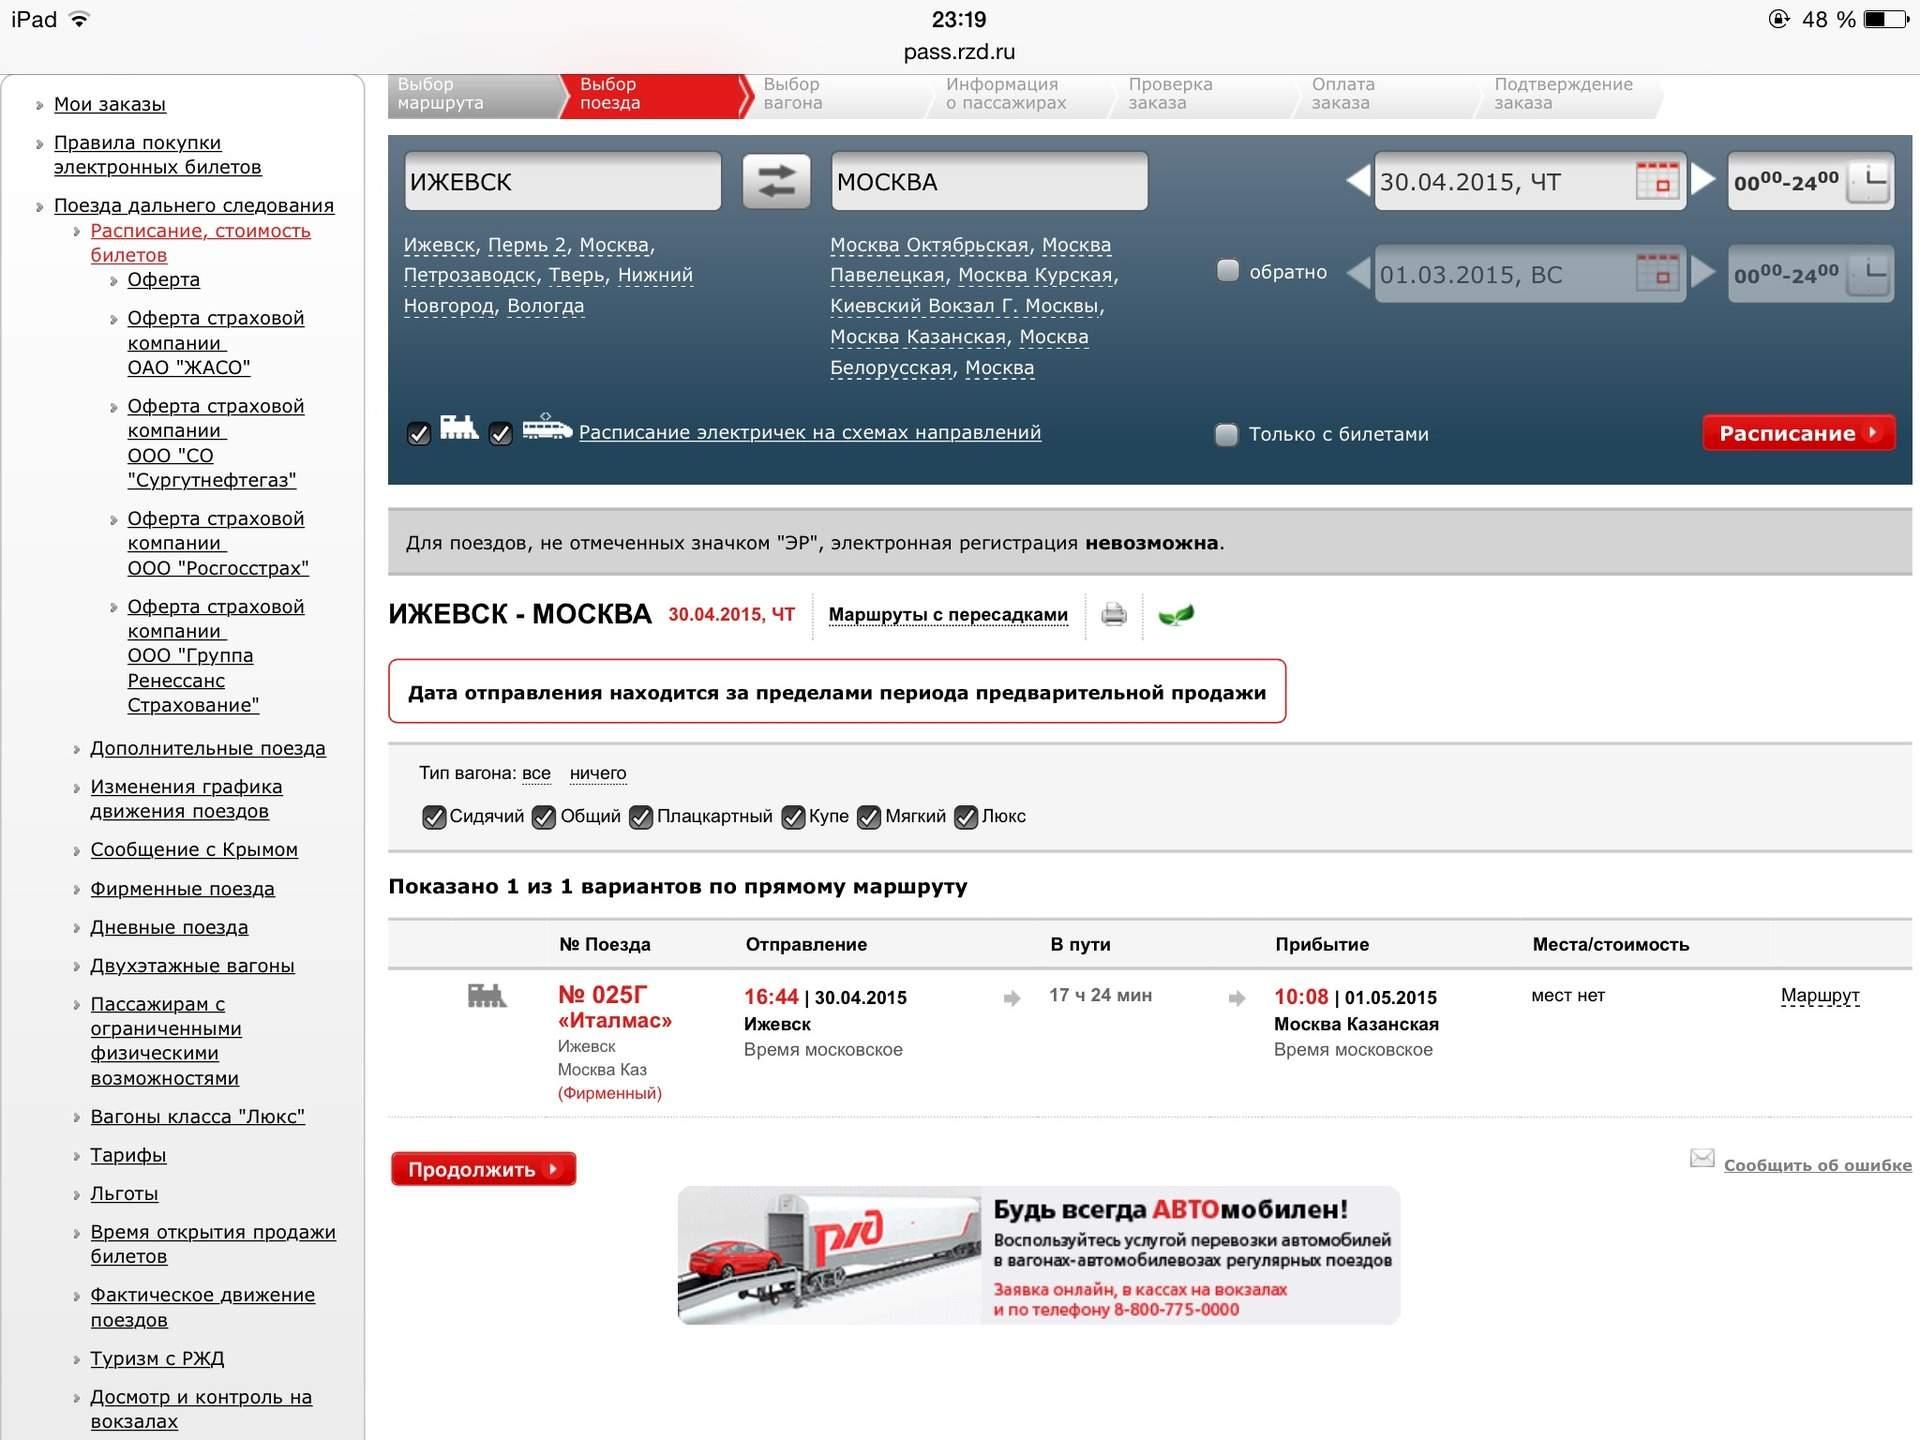 Ржд челябинск официальный сайт билеты